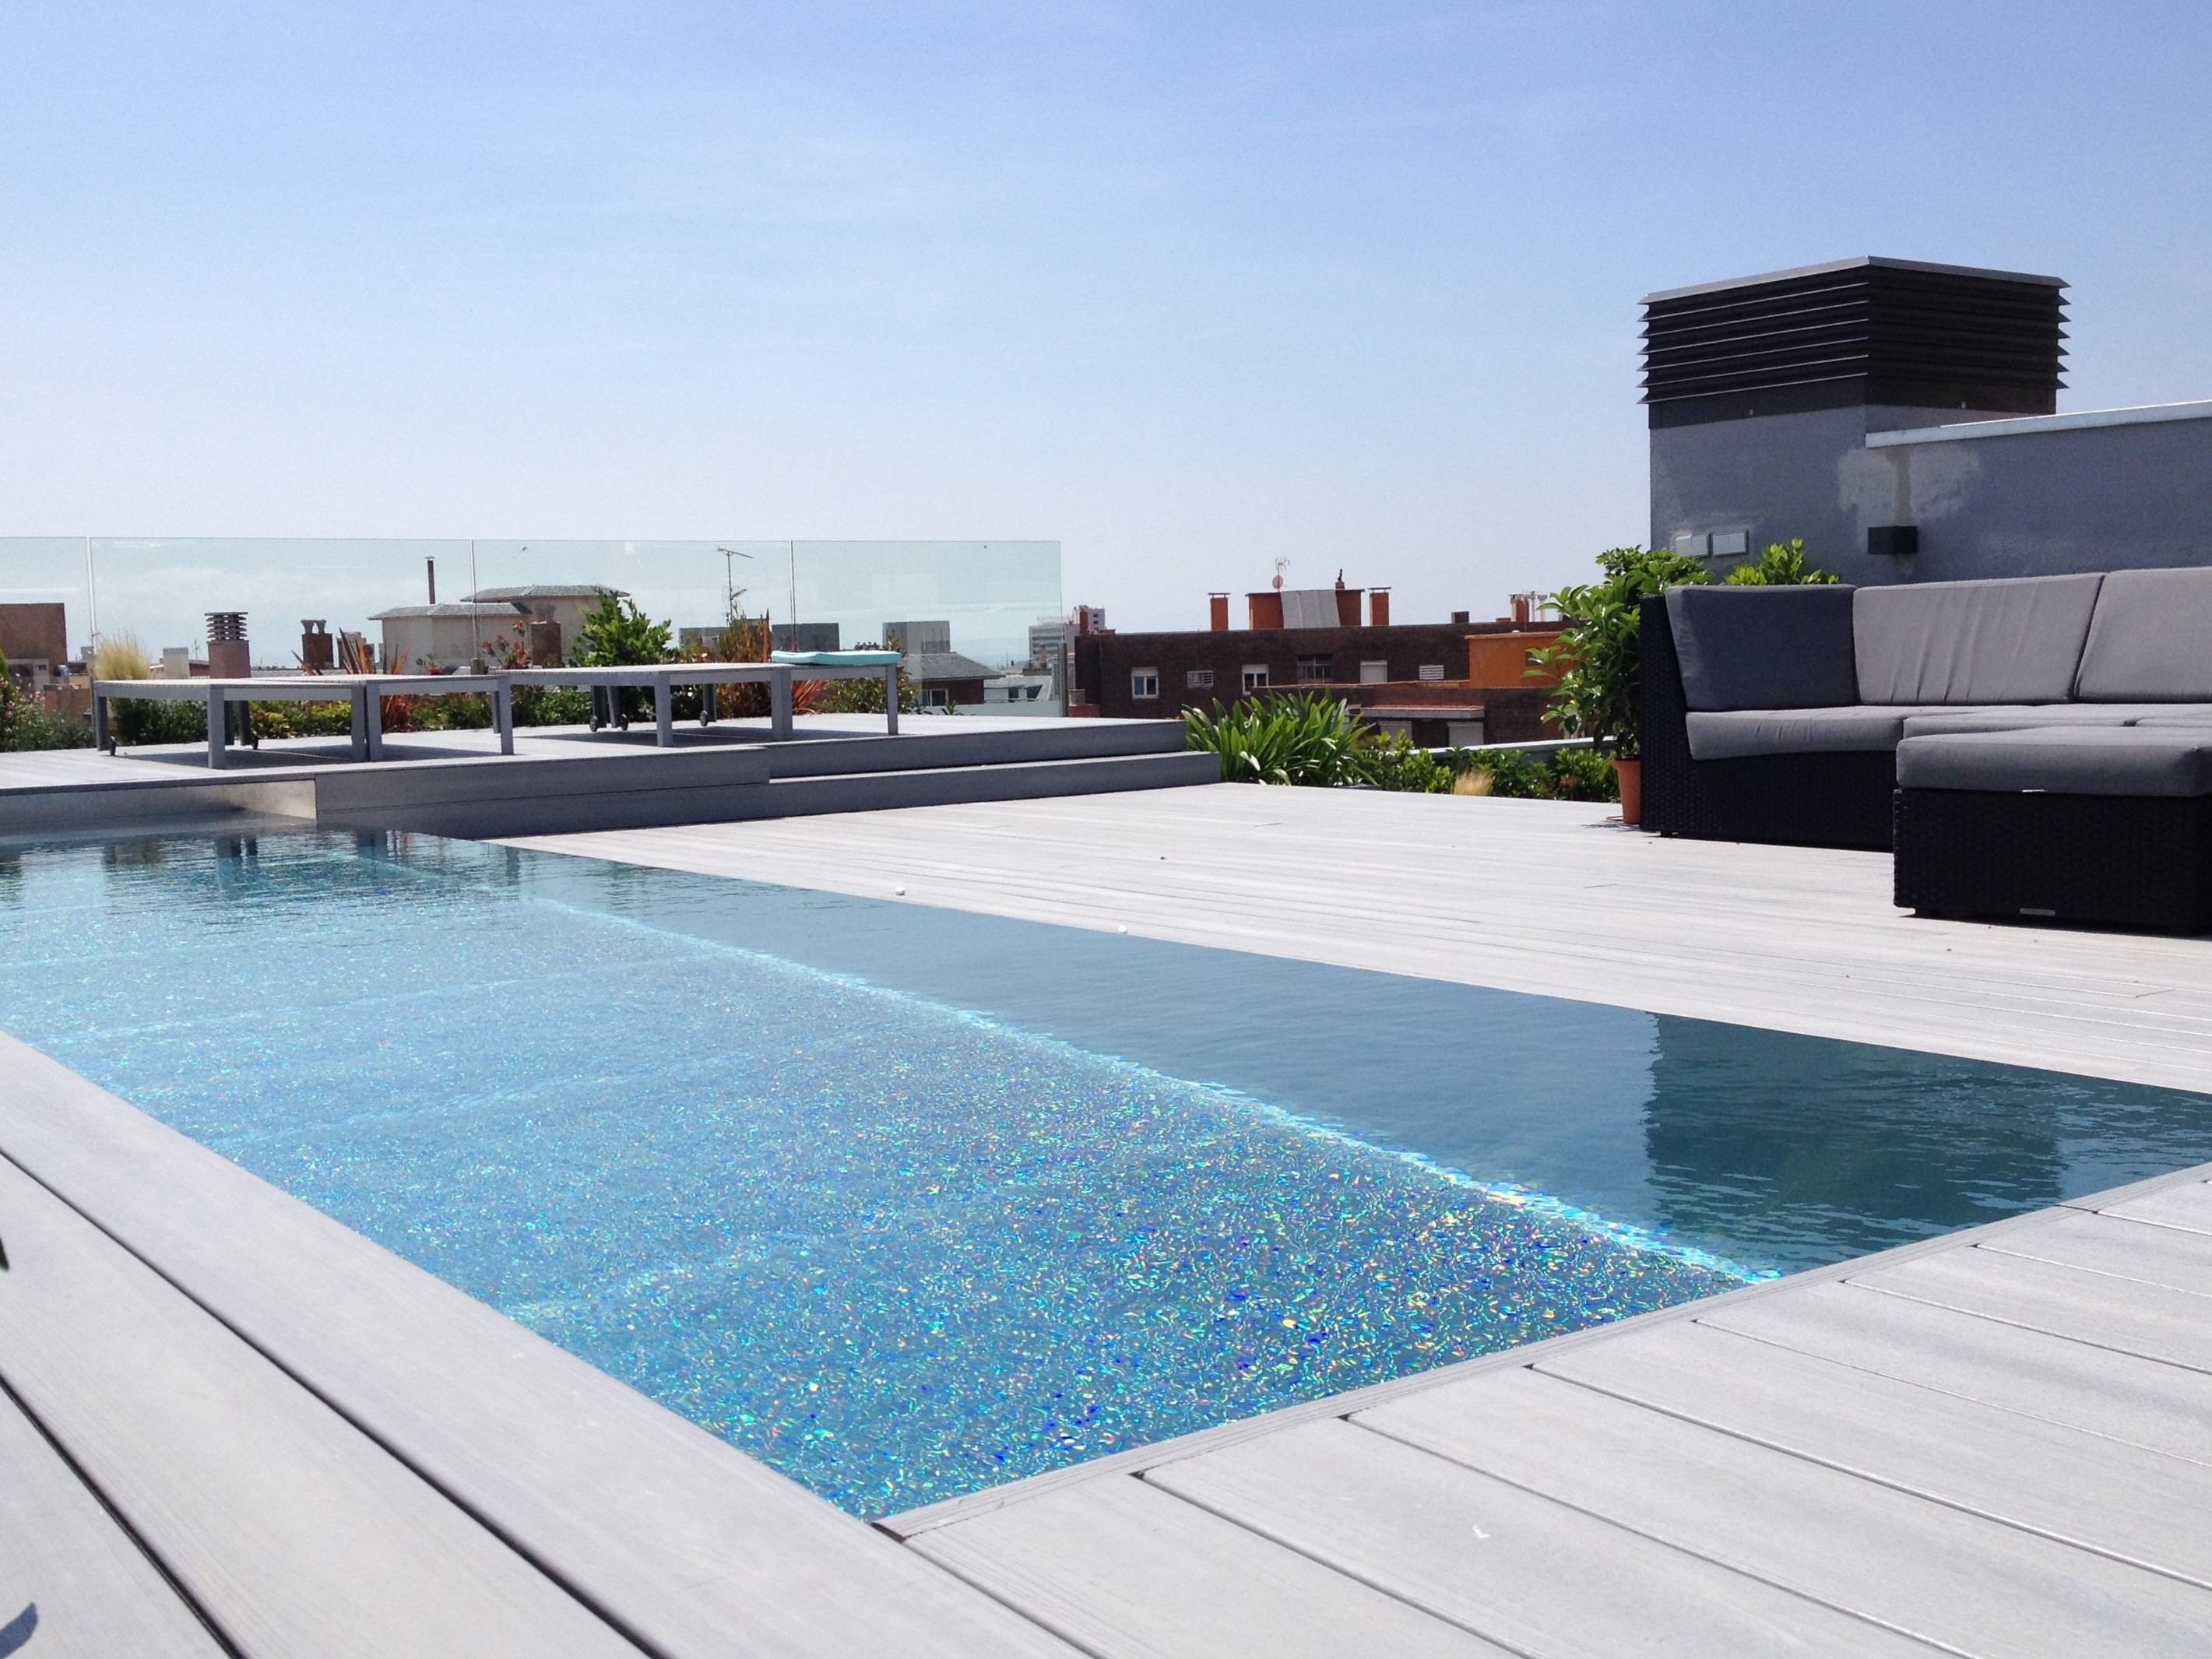 Piscinas para aticos elegant piscinas para aticos with - Piscina terraza atico ...